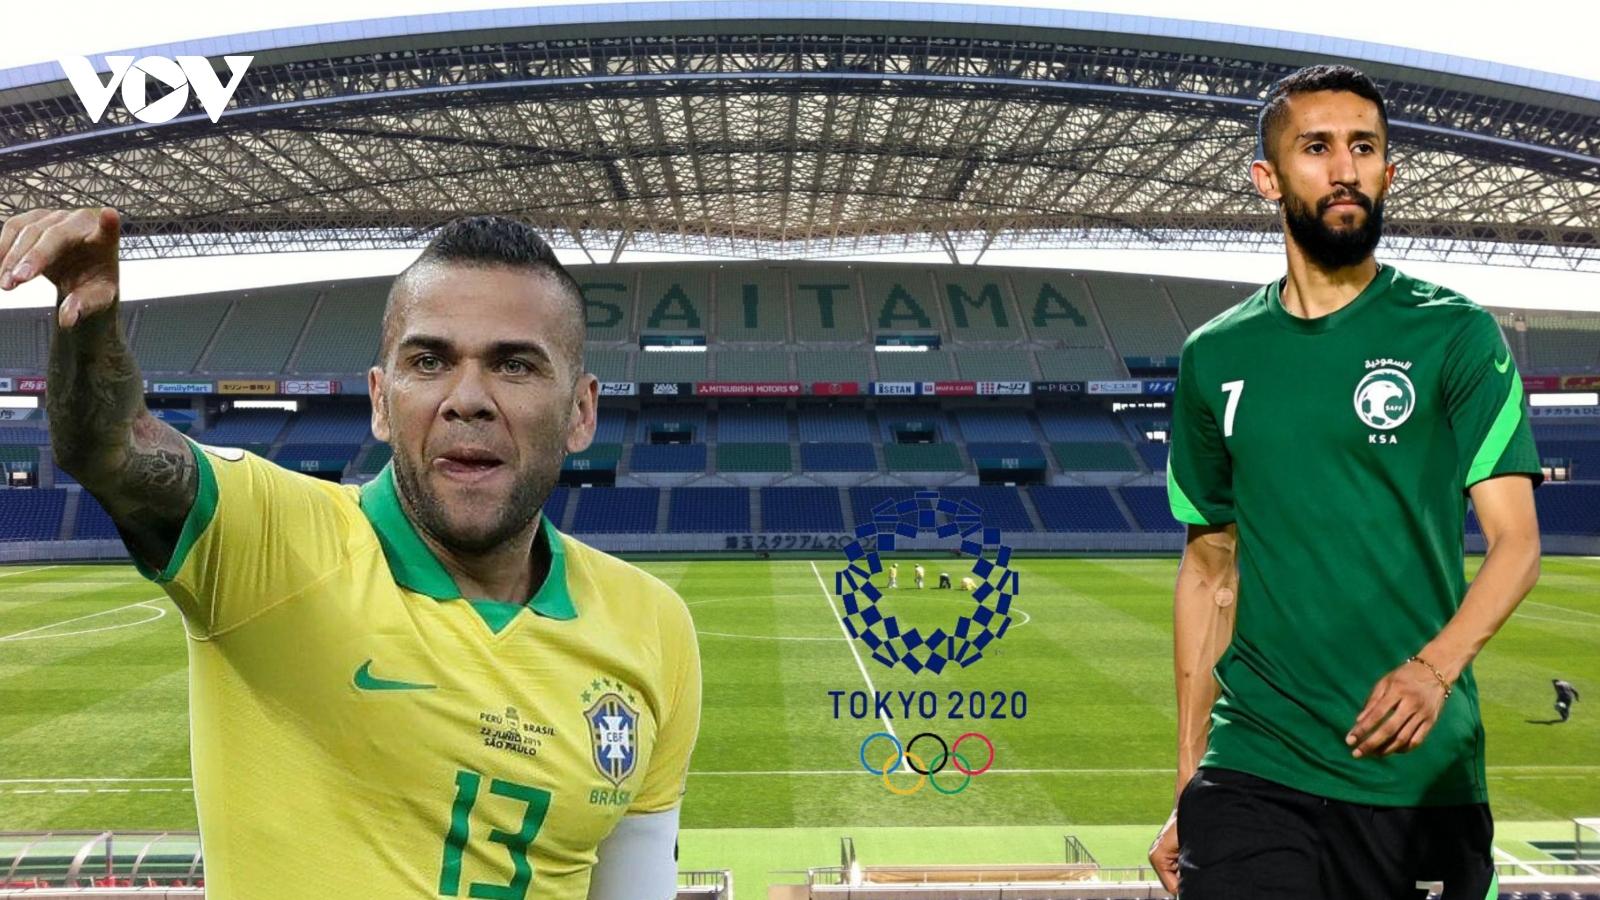 Dự đoán kết quả, đội hình xuất phát trận Olympic Saudi Arabia - Olympic Brazil